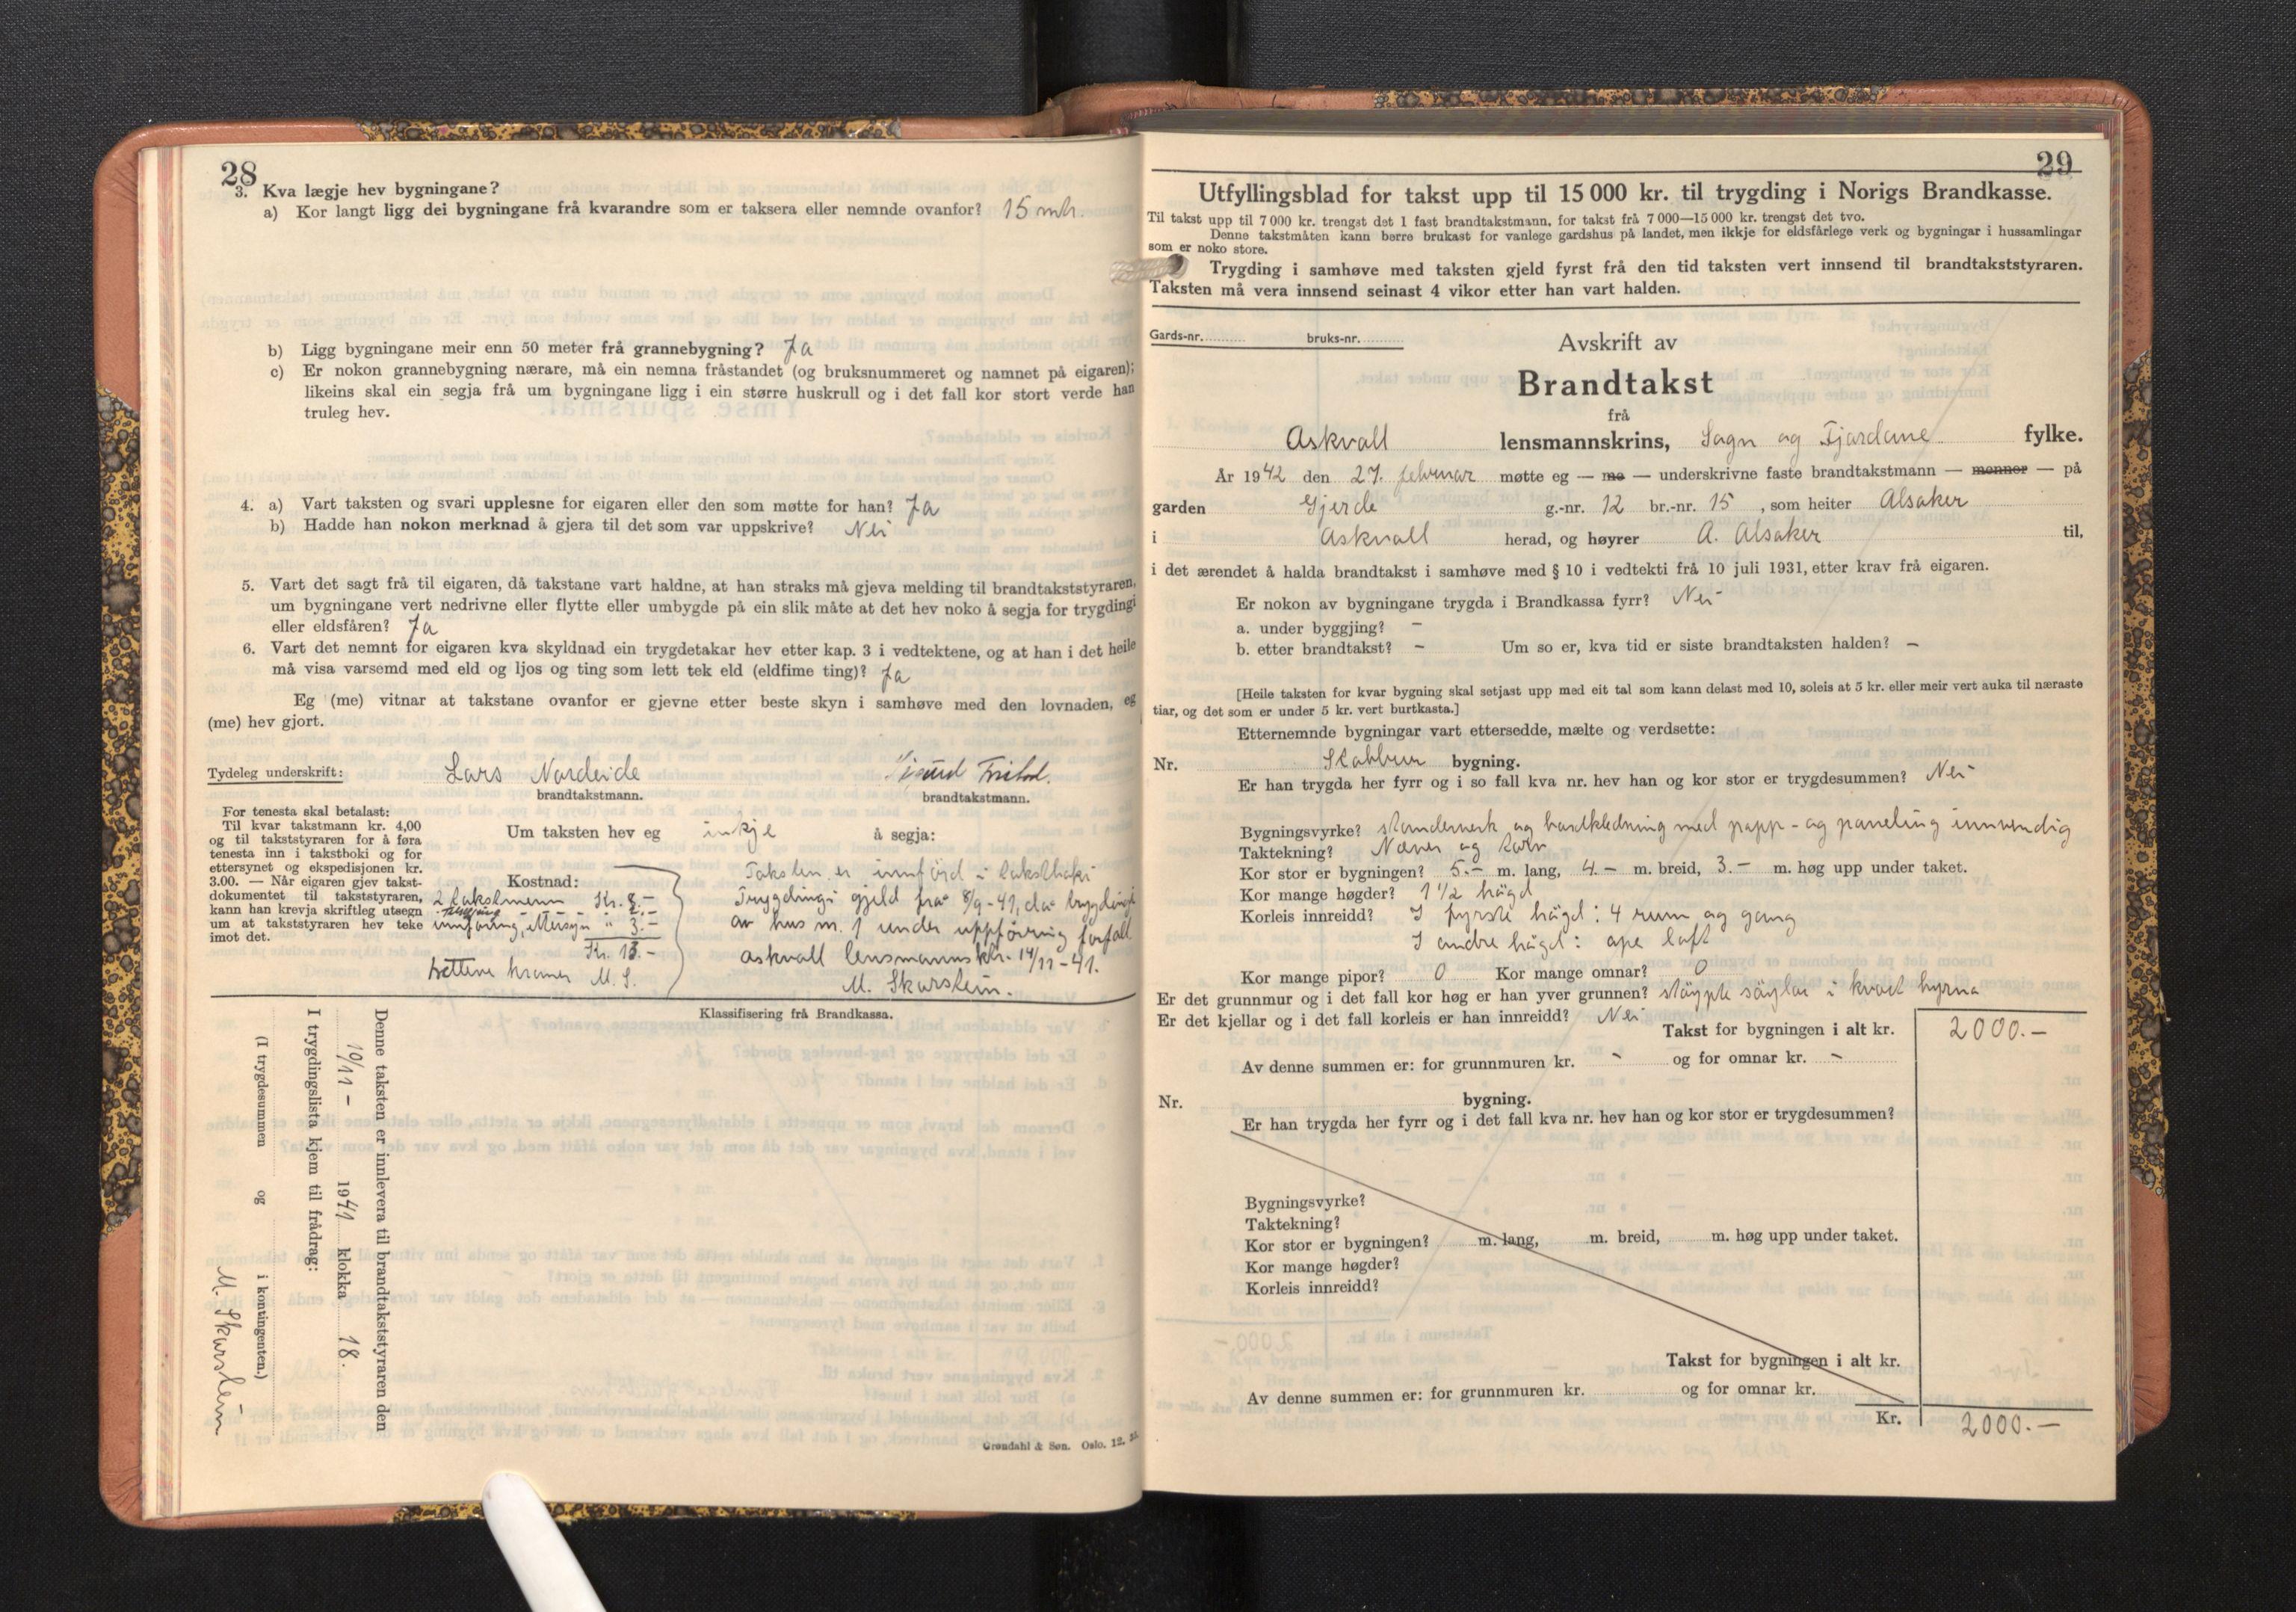 SAB, Lensmannen i Askvoll, 0012/L0005: Branntakstprotokoll, skjematakst, 1940-1949, p. 28-29